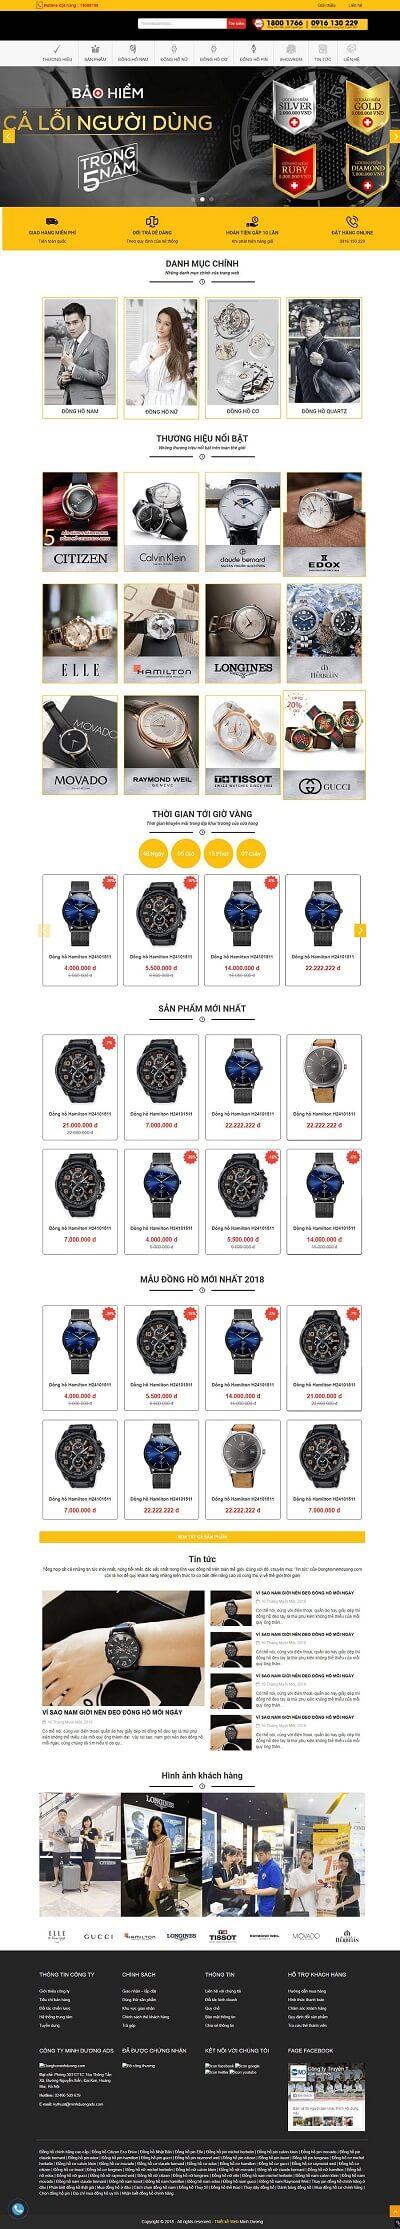 Web đồng hồ đeo tay